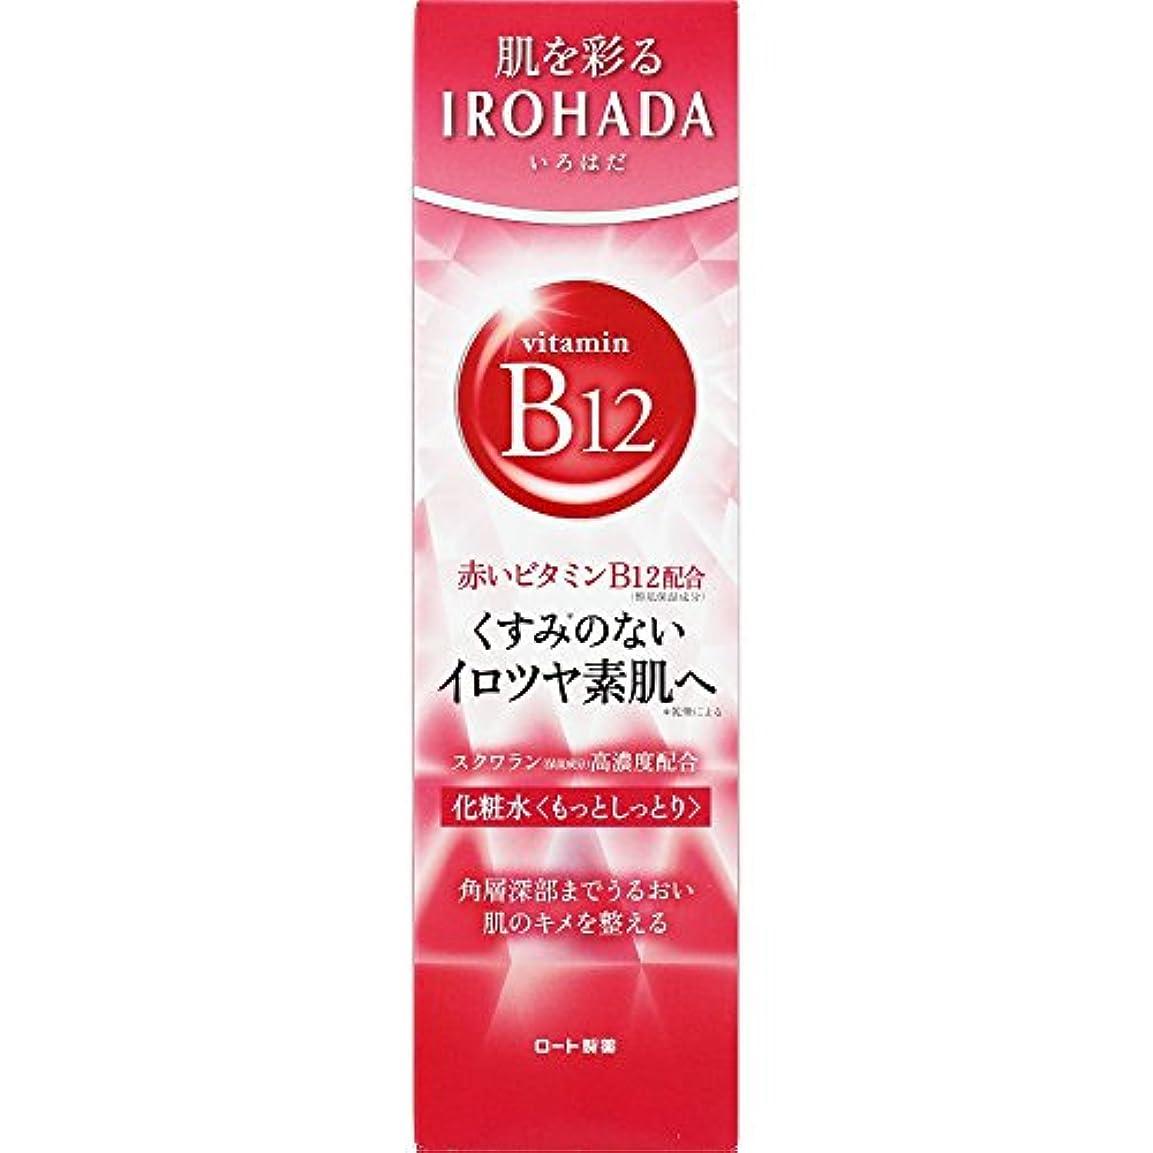 海峡ひも車両うんロート製薬 いろはだ (IROHADA) 赤いビタミンB12×スクワラン配合 化粧水もっとしっとり 160ml